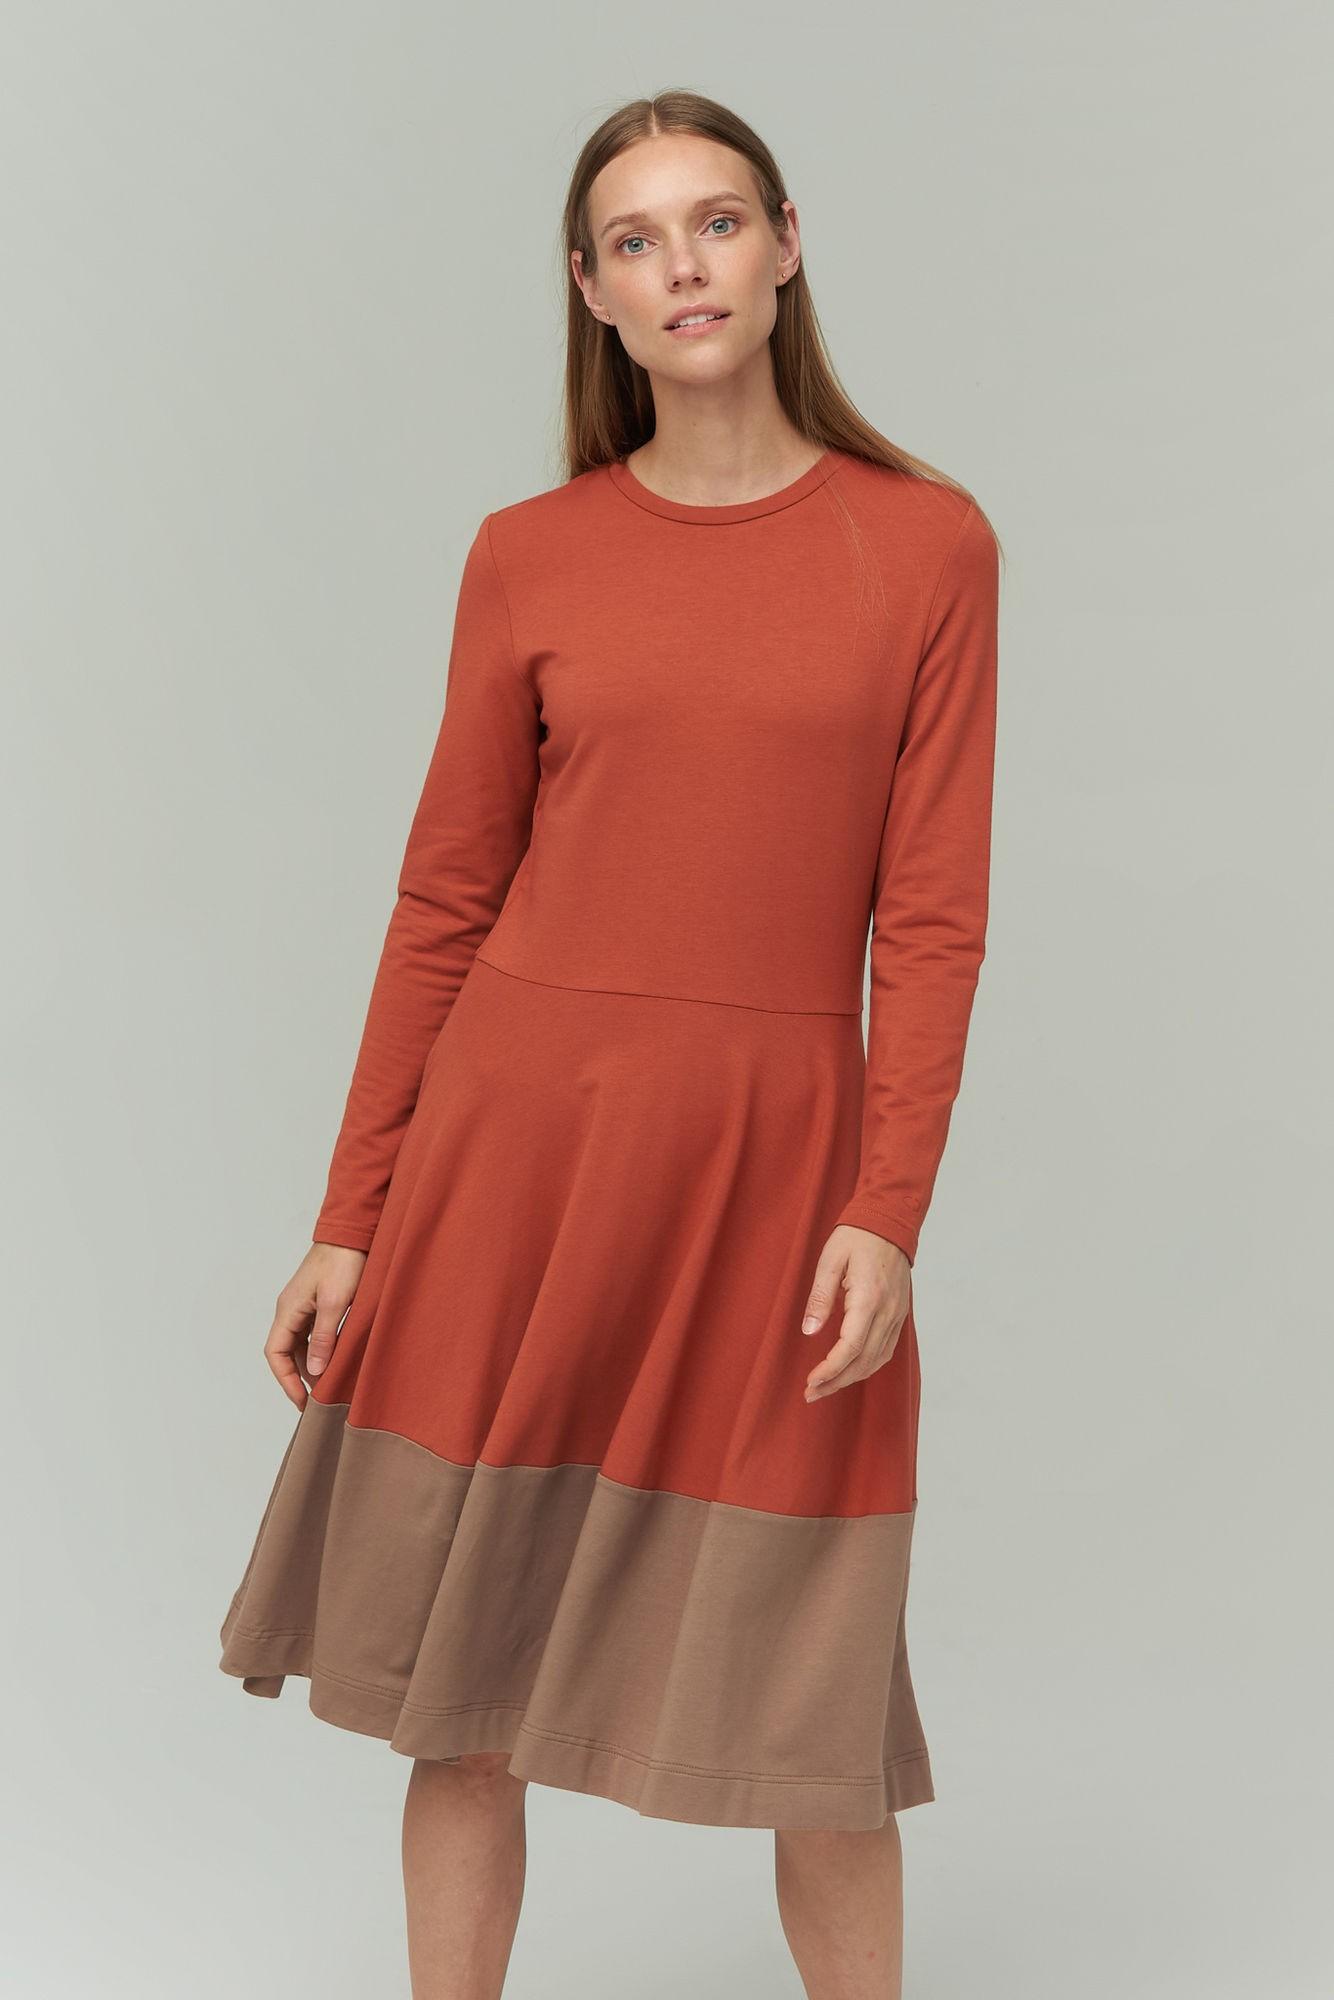 AUDIMAS Švelnaus modalo suknelė 2021-172 Auburn XL